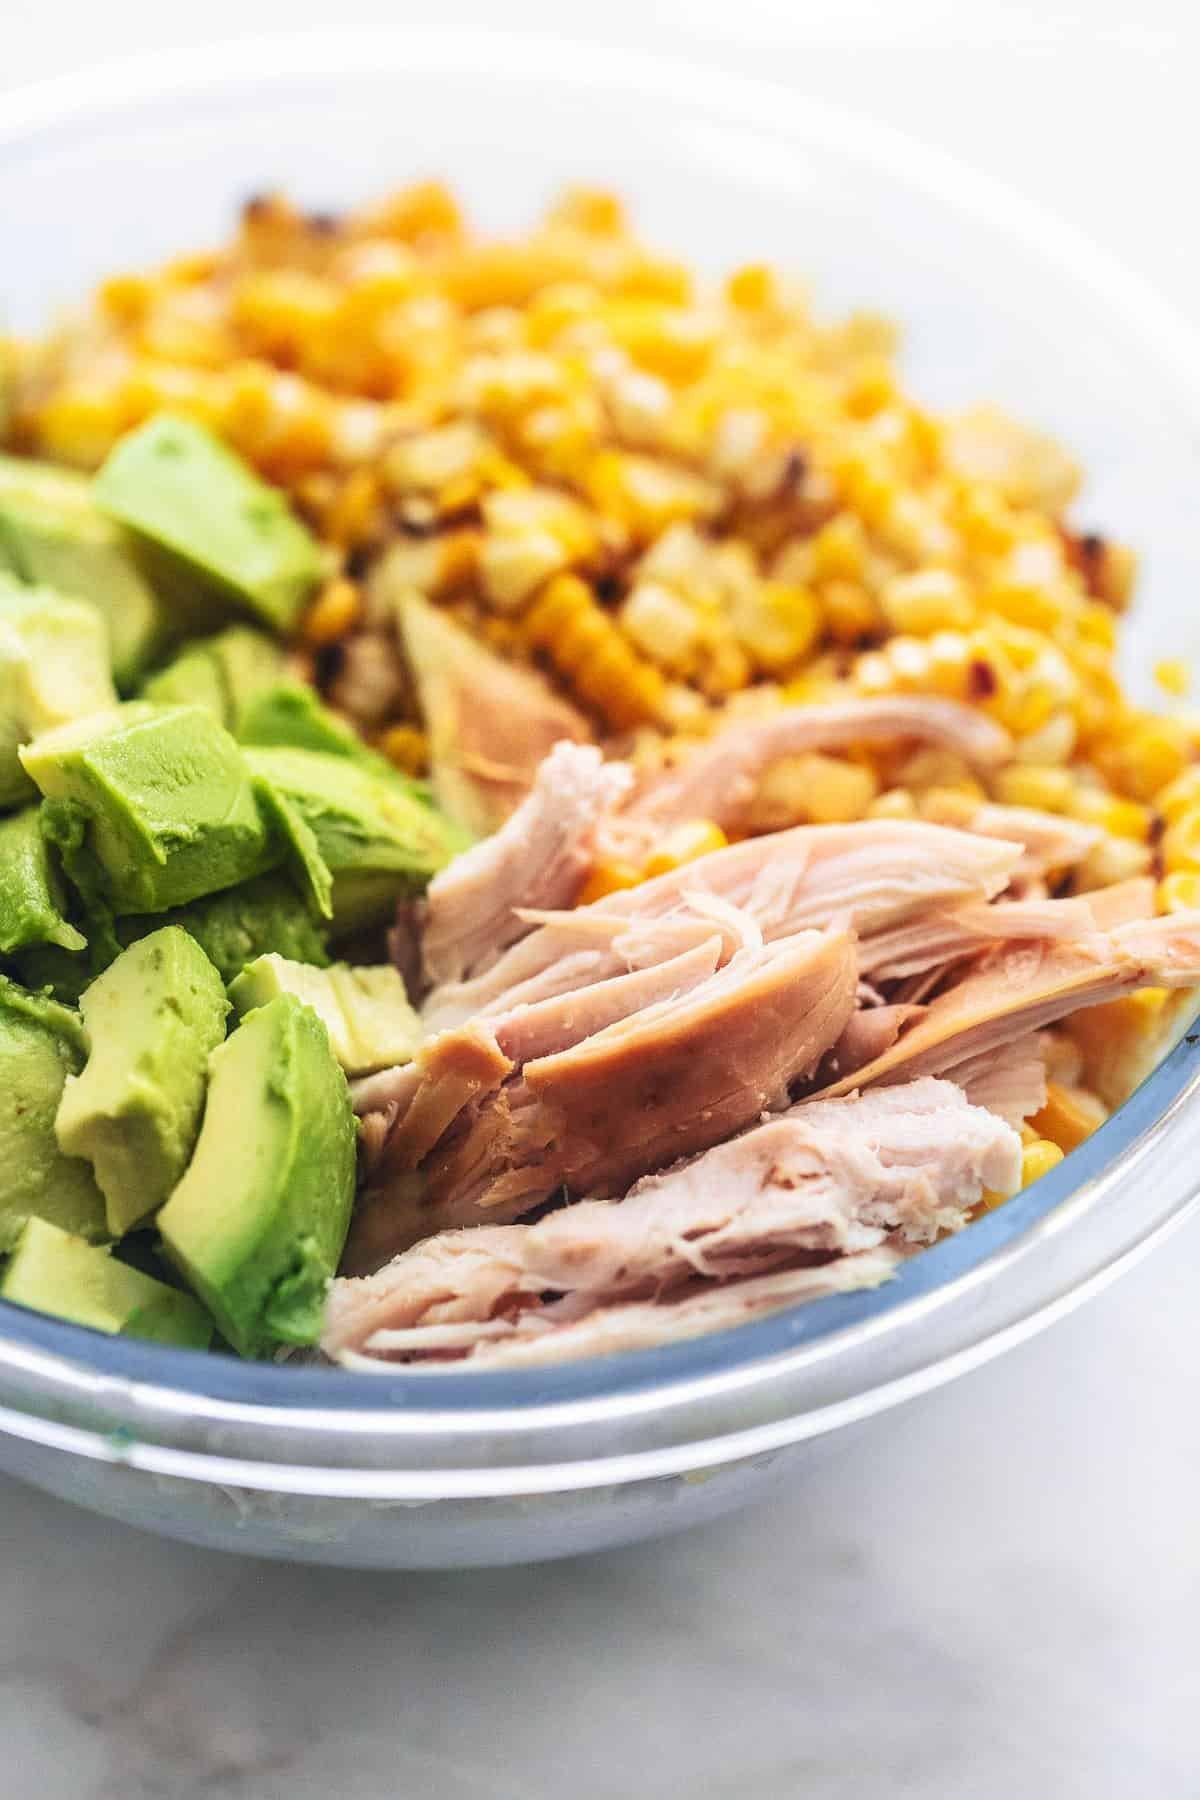 CHICKEN AVOCADO CORN SALAD easy healthy recipe | lecremedelacrumb.com